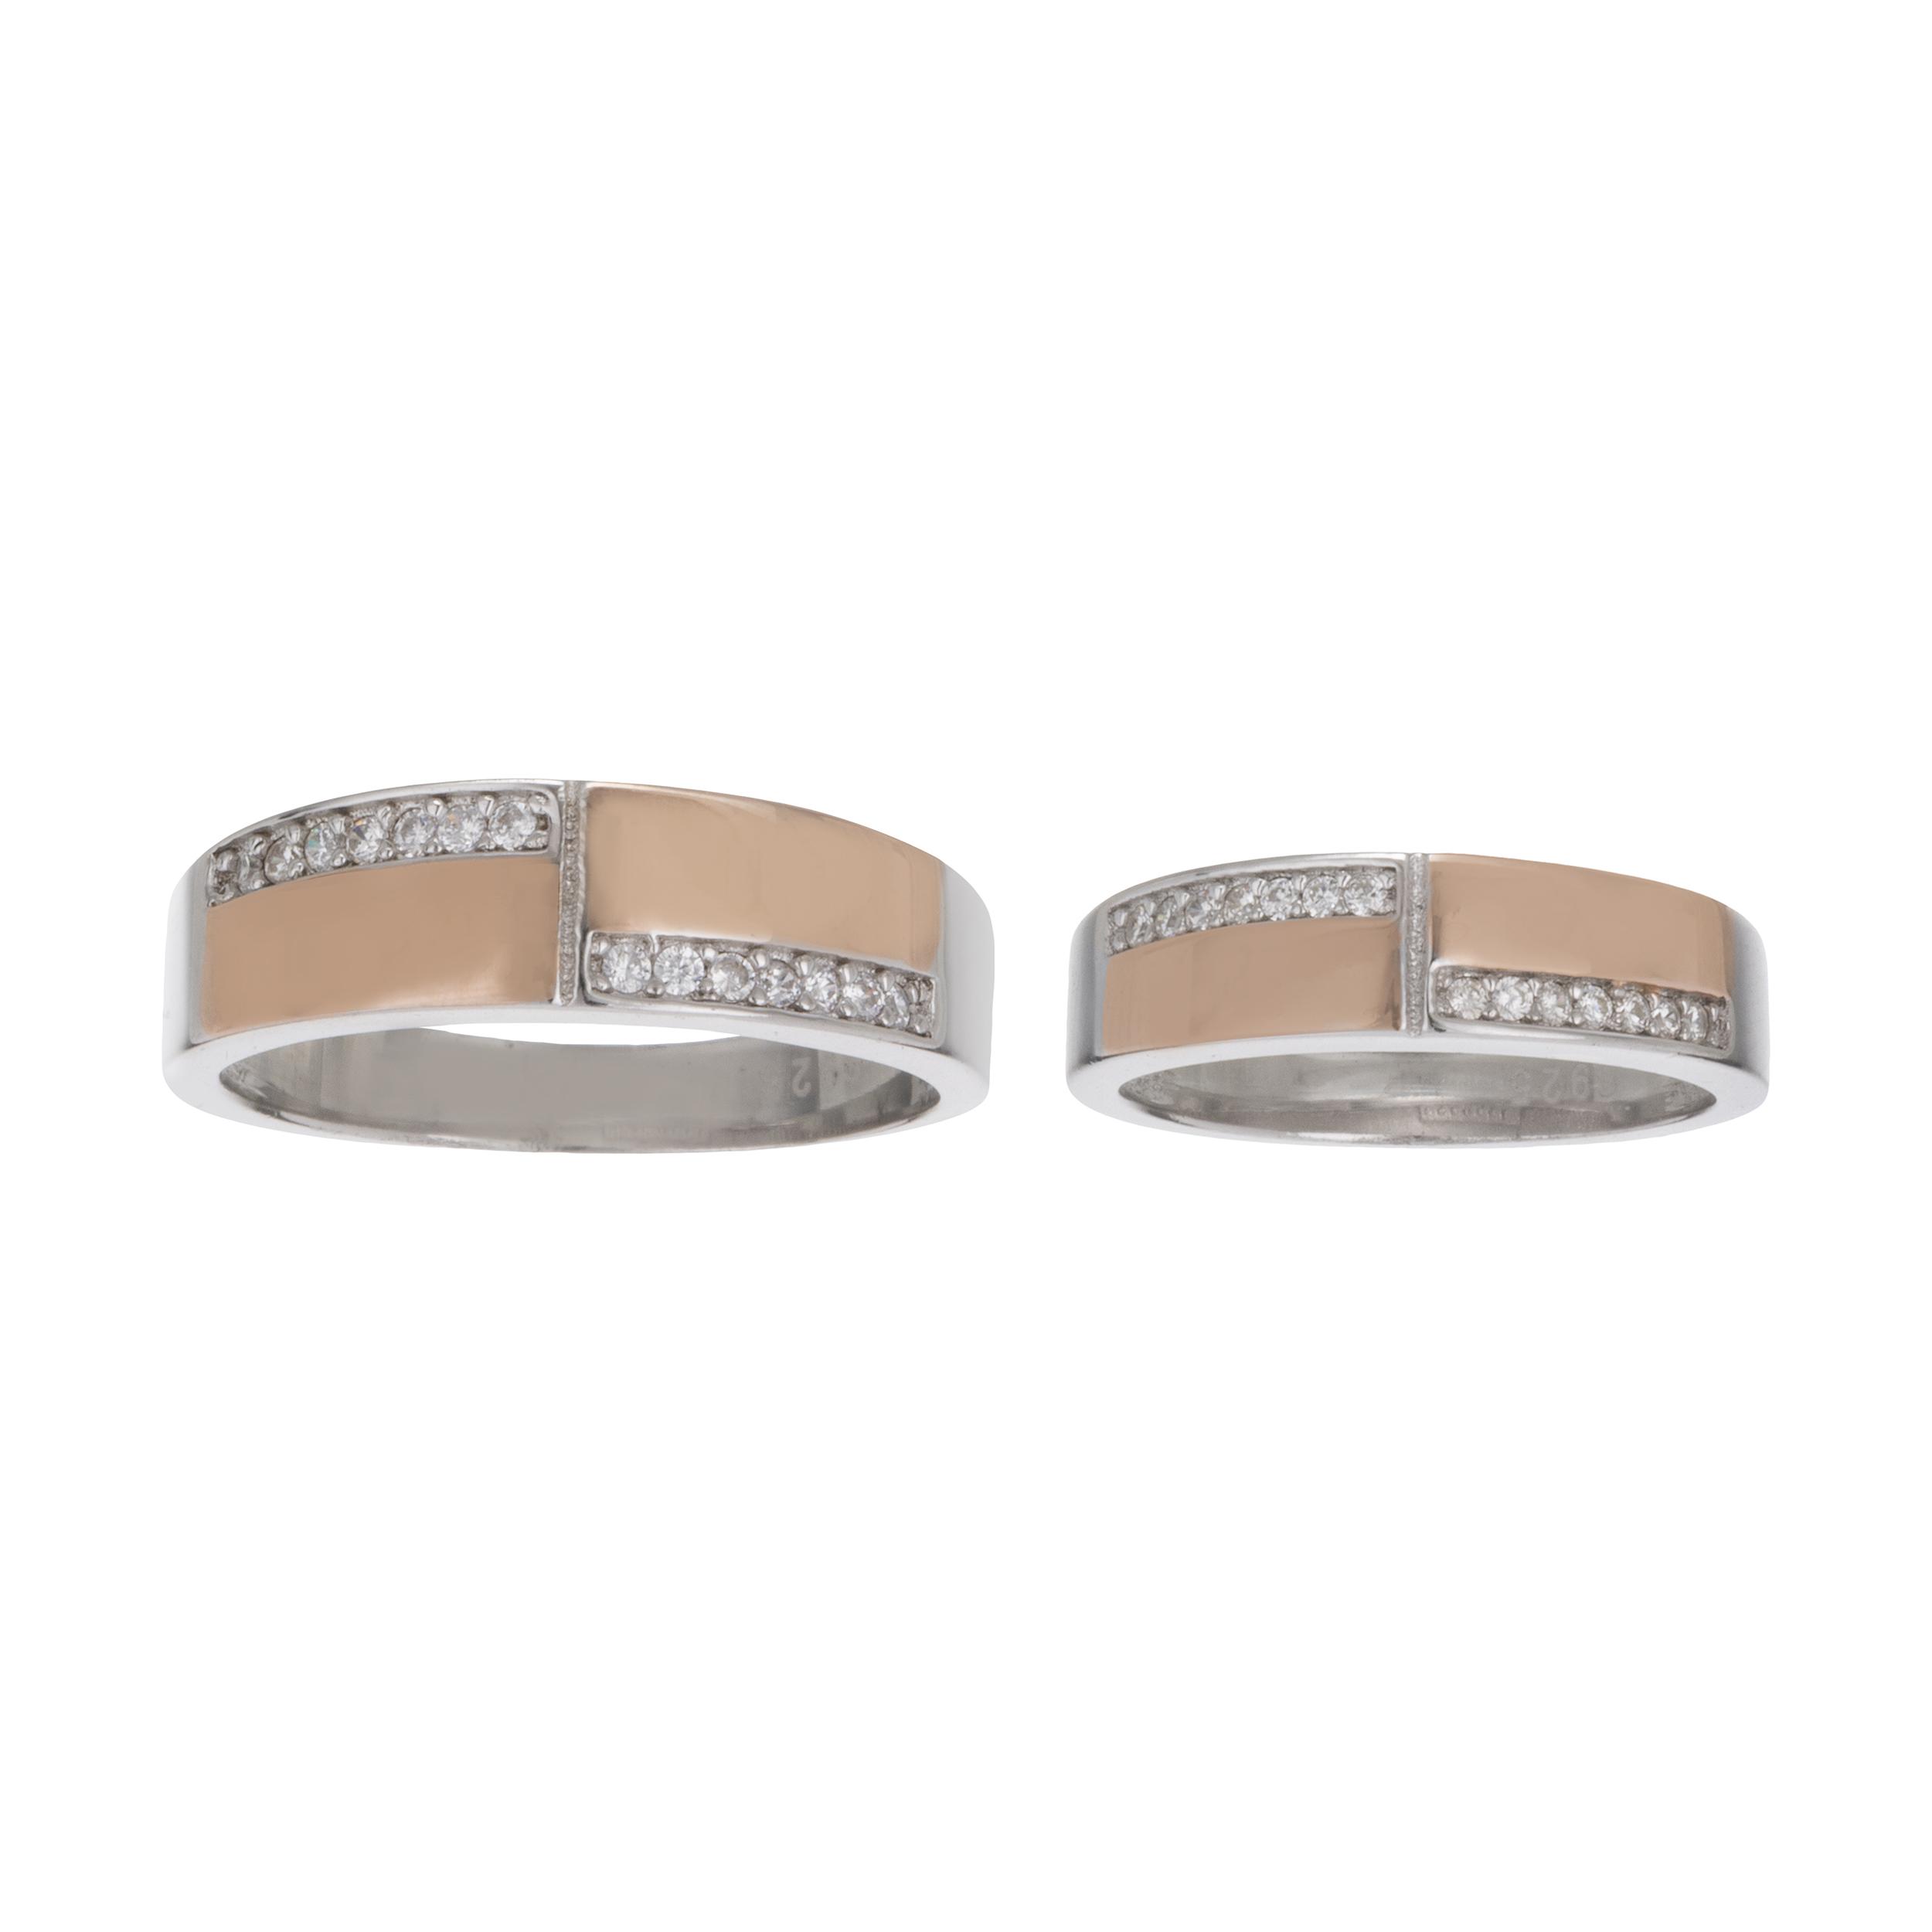 ست انگشتر نقره زنانه و مردانه کد GR1006